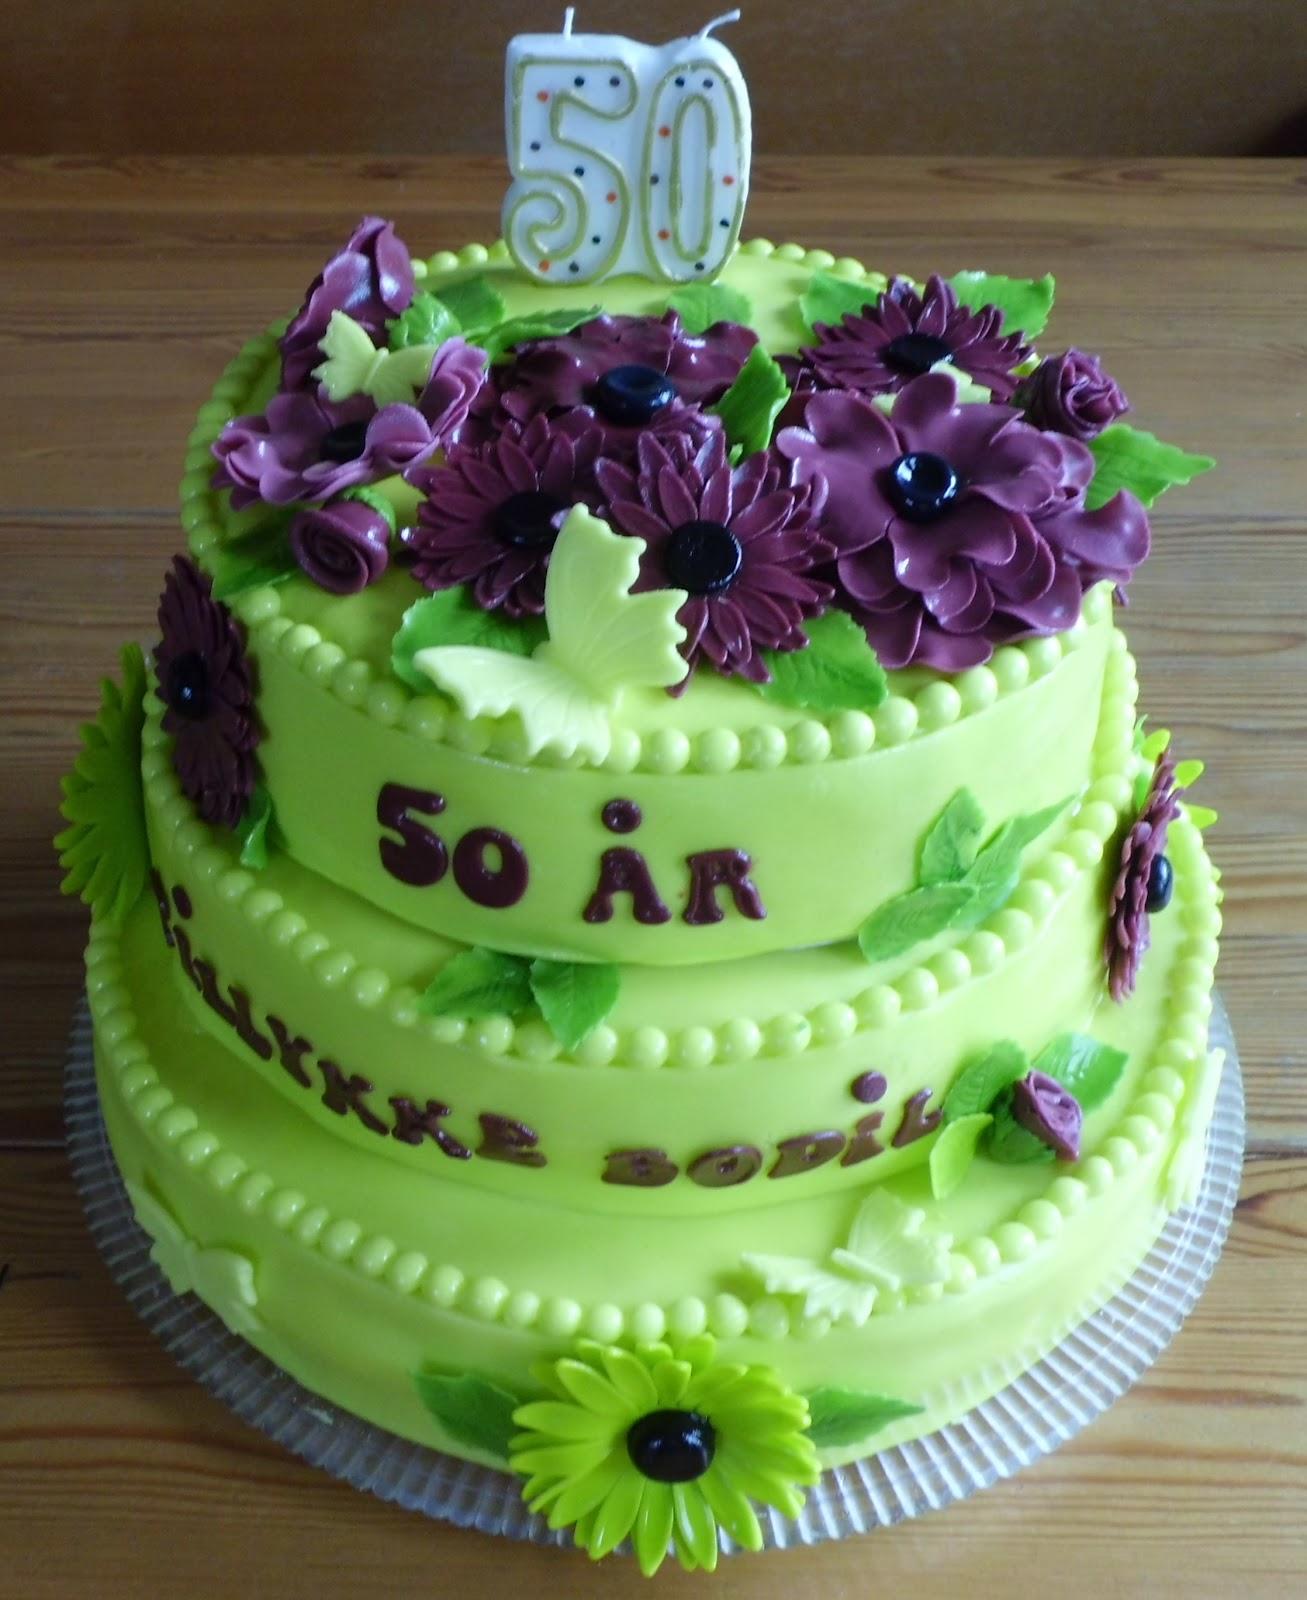 50 års fødselsdag underholdning